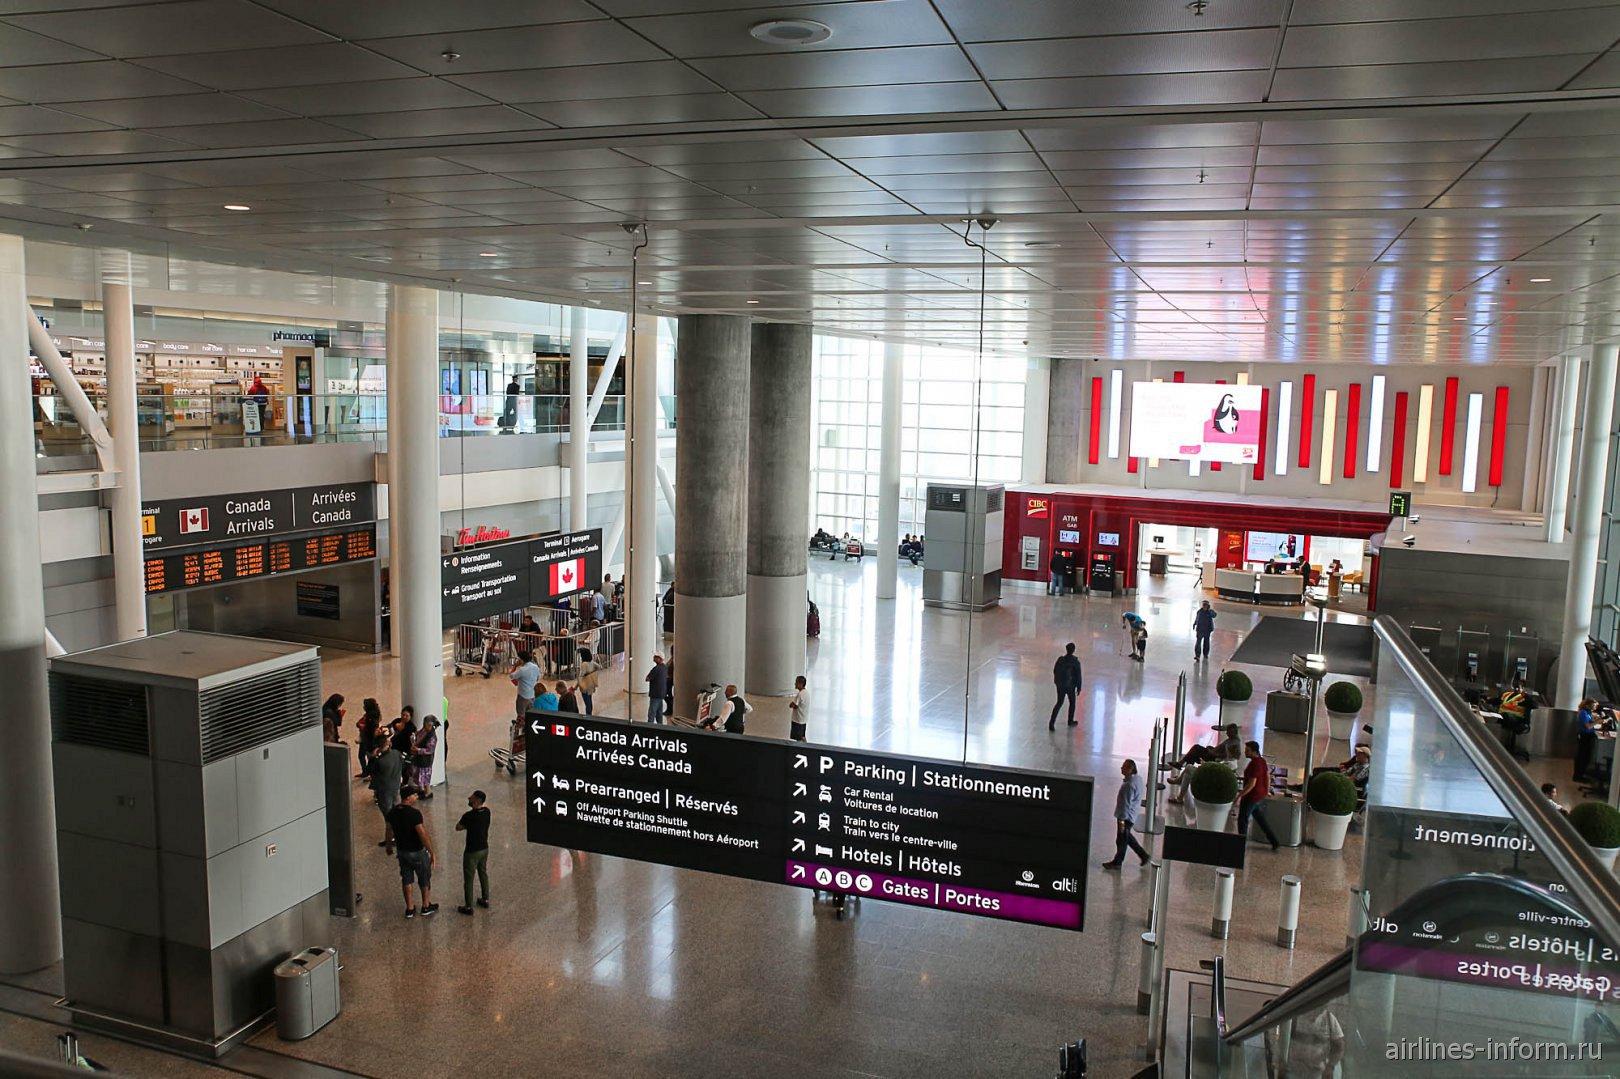 Зона прилета внутренних рейсов в терминале 1 аэропорта Торонто Пирсон